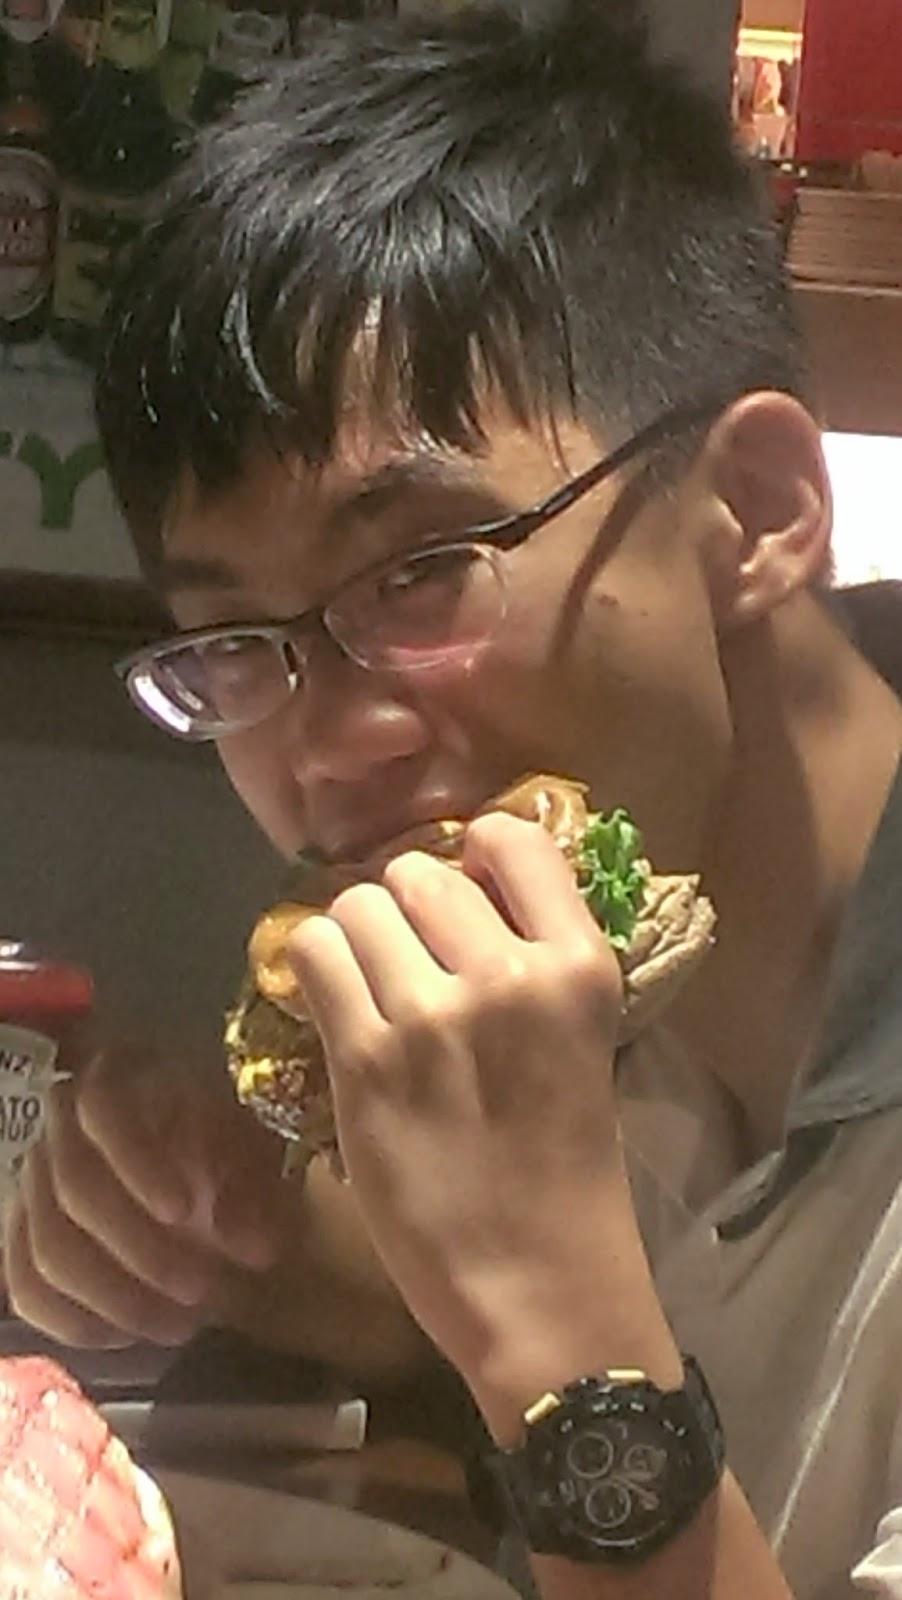 2014 07 27+18.38.32 - [食記] Bravo Burger 發福廚房 - 大口咬下美式漢堡,滿滿的熱量,滿滿幸福!